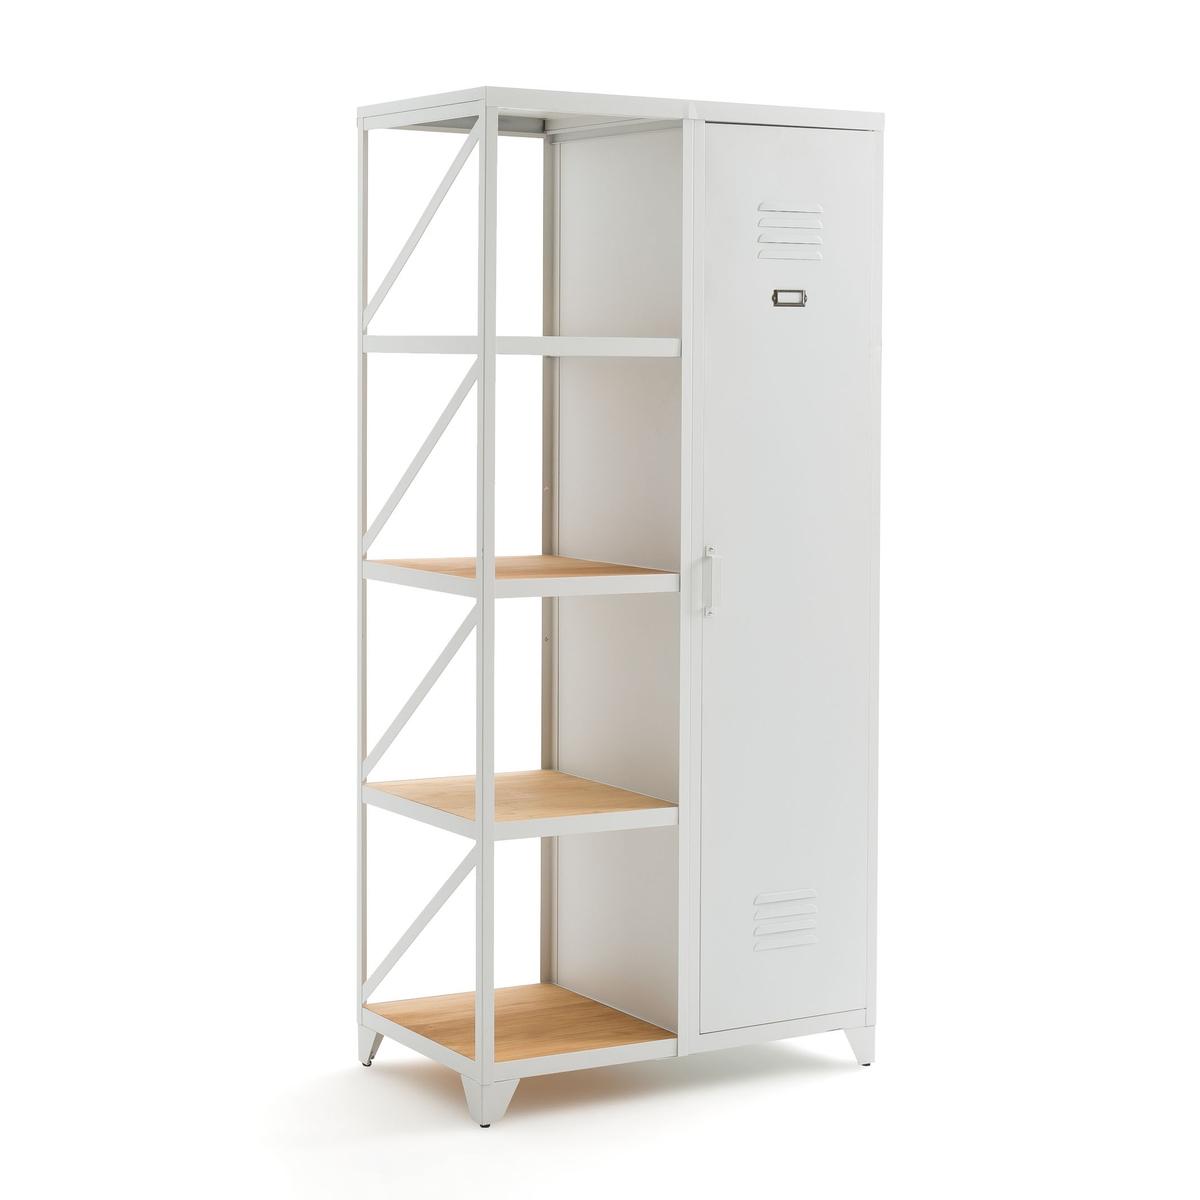 Шкаф-стеллаж La Redoute С дверцей из металла и сосны покрытой олифой Hiba единый размер белый